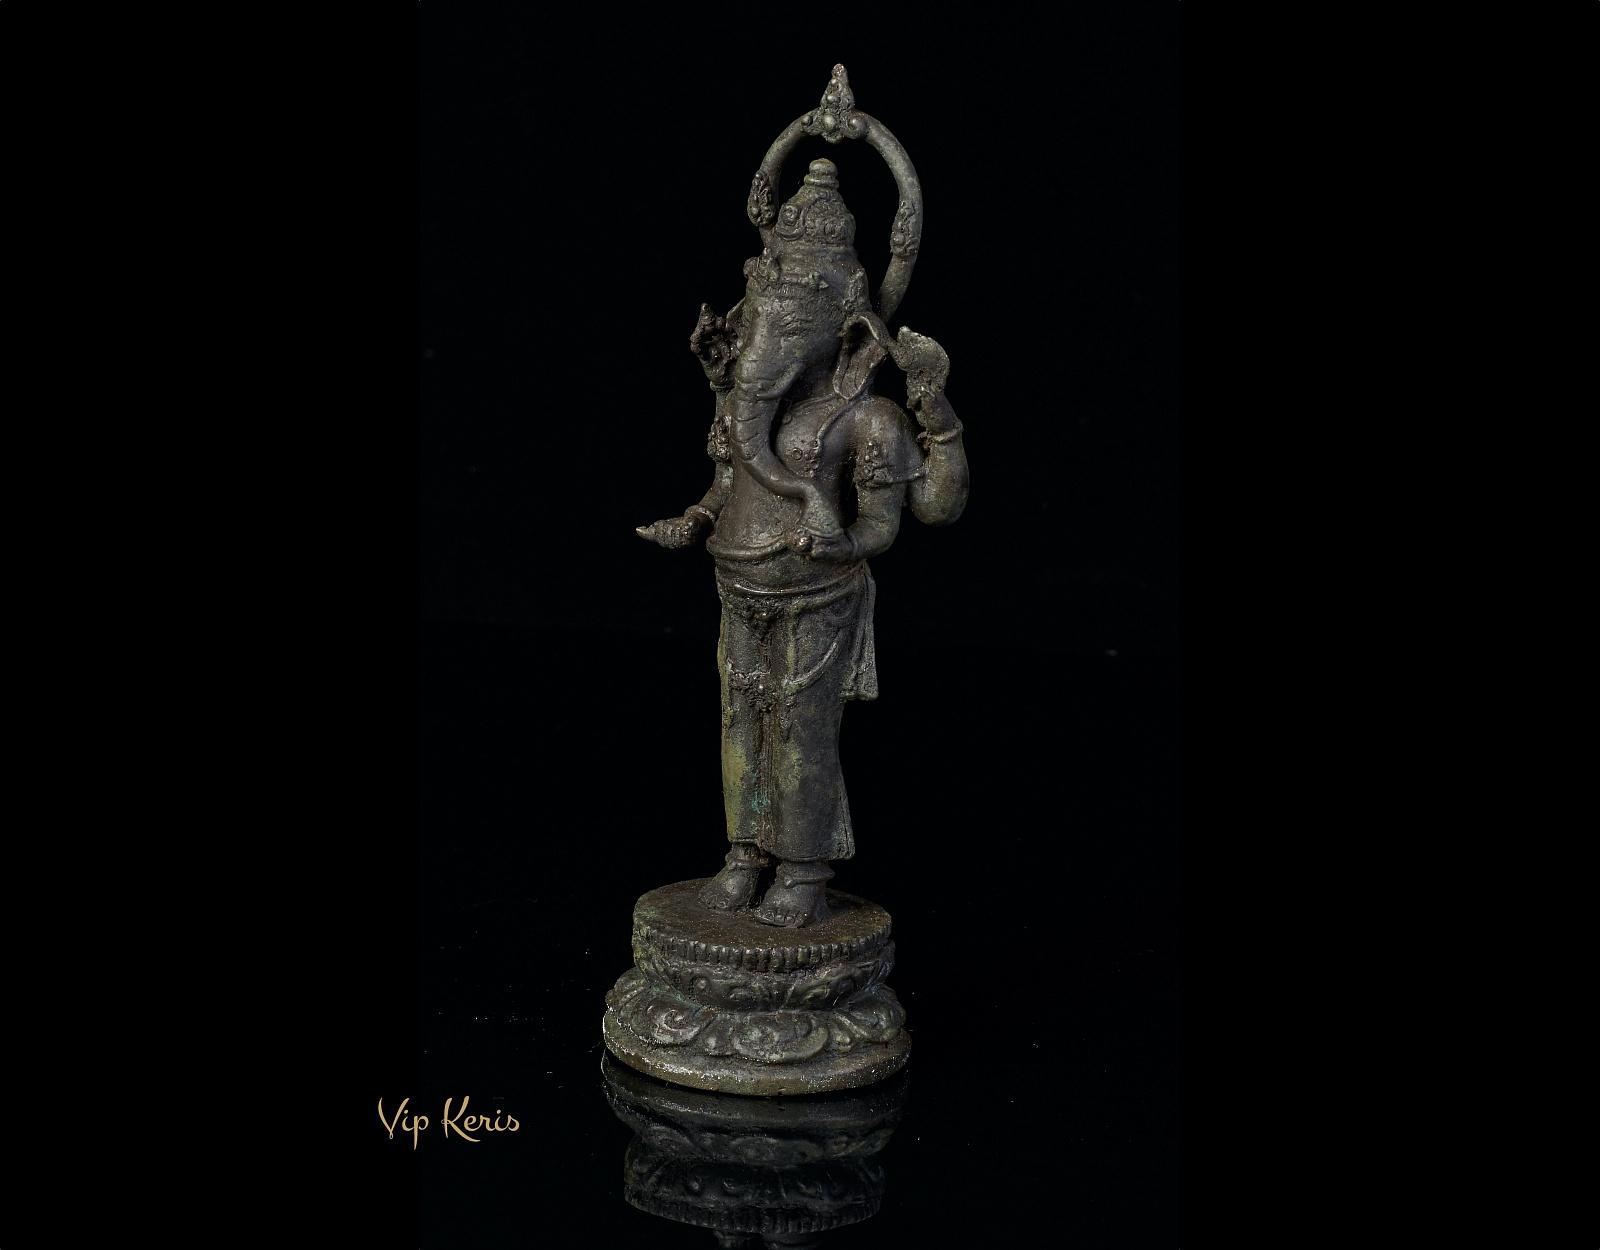 Старинная статуя Ганеша, 23см. фото VipKeris